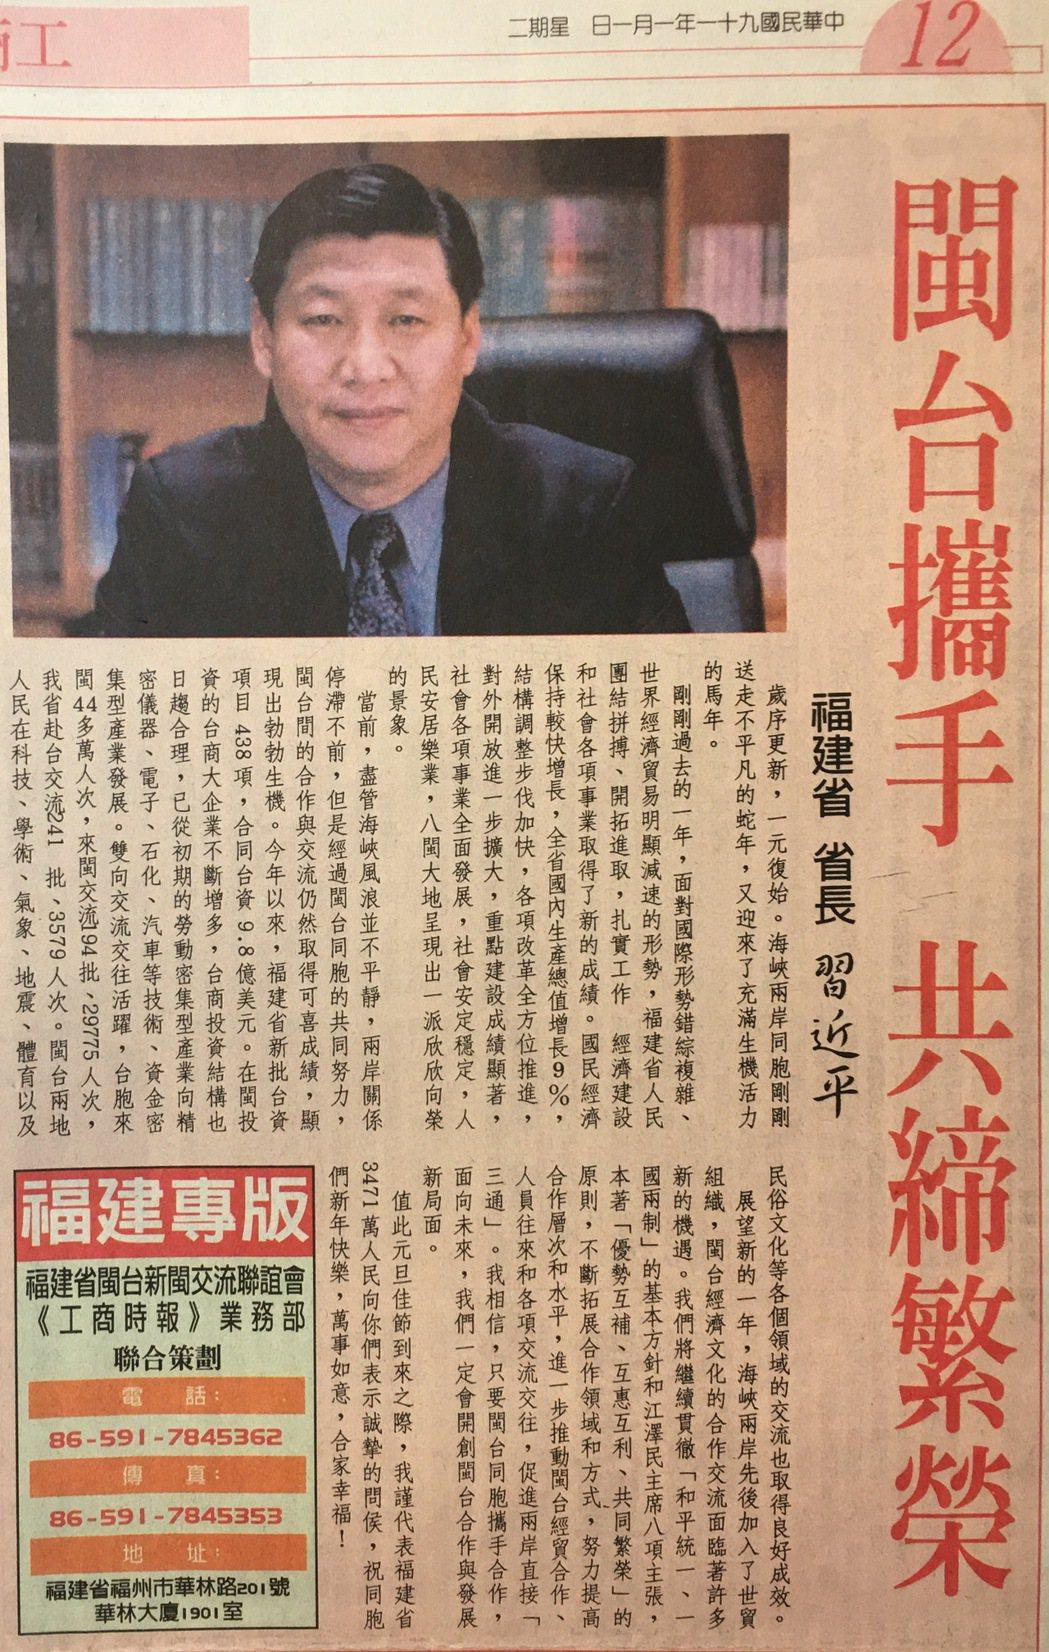 2002年元旦,時任福建省長的習近平曾在台灣媒體刊登廣告,祝台灣民眾新年快樂。(...